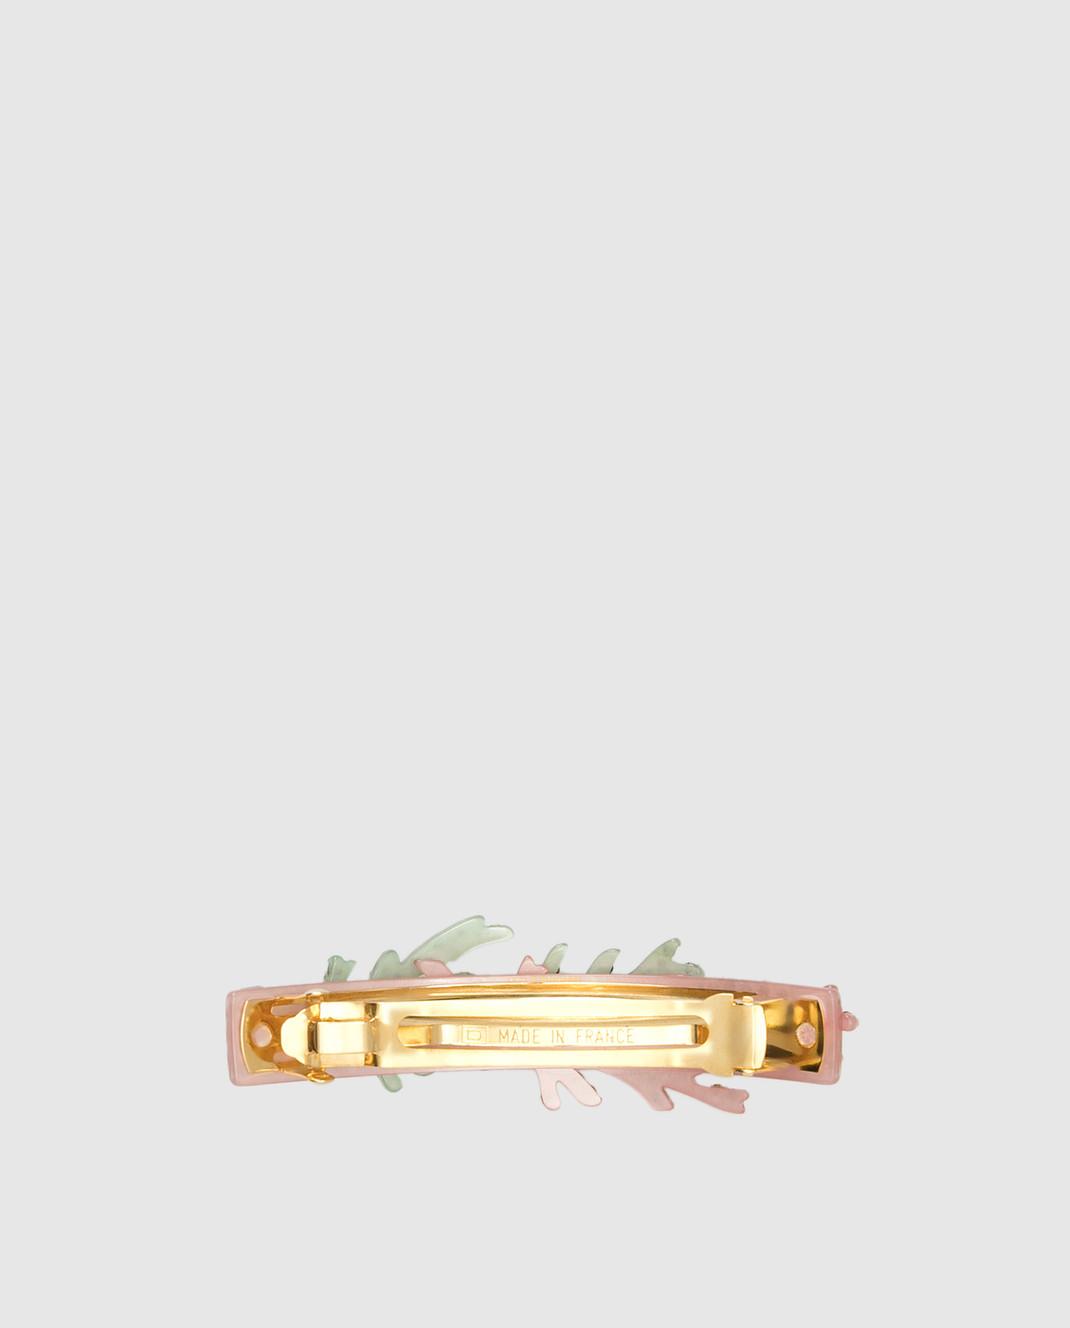 Davidian Розовая заколка с кристаллами Swarovski 95143 изображение 2